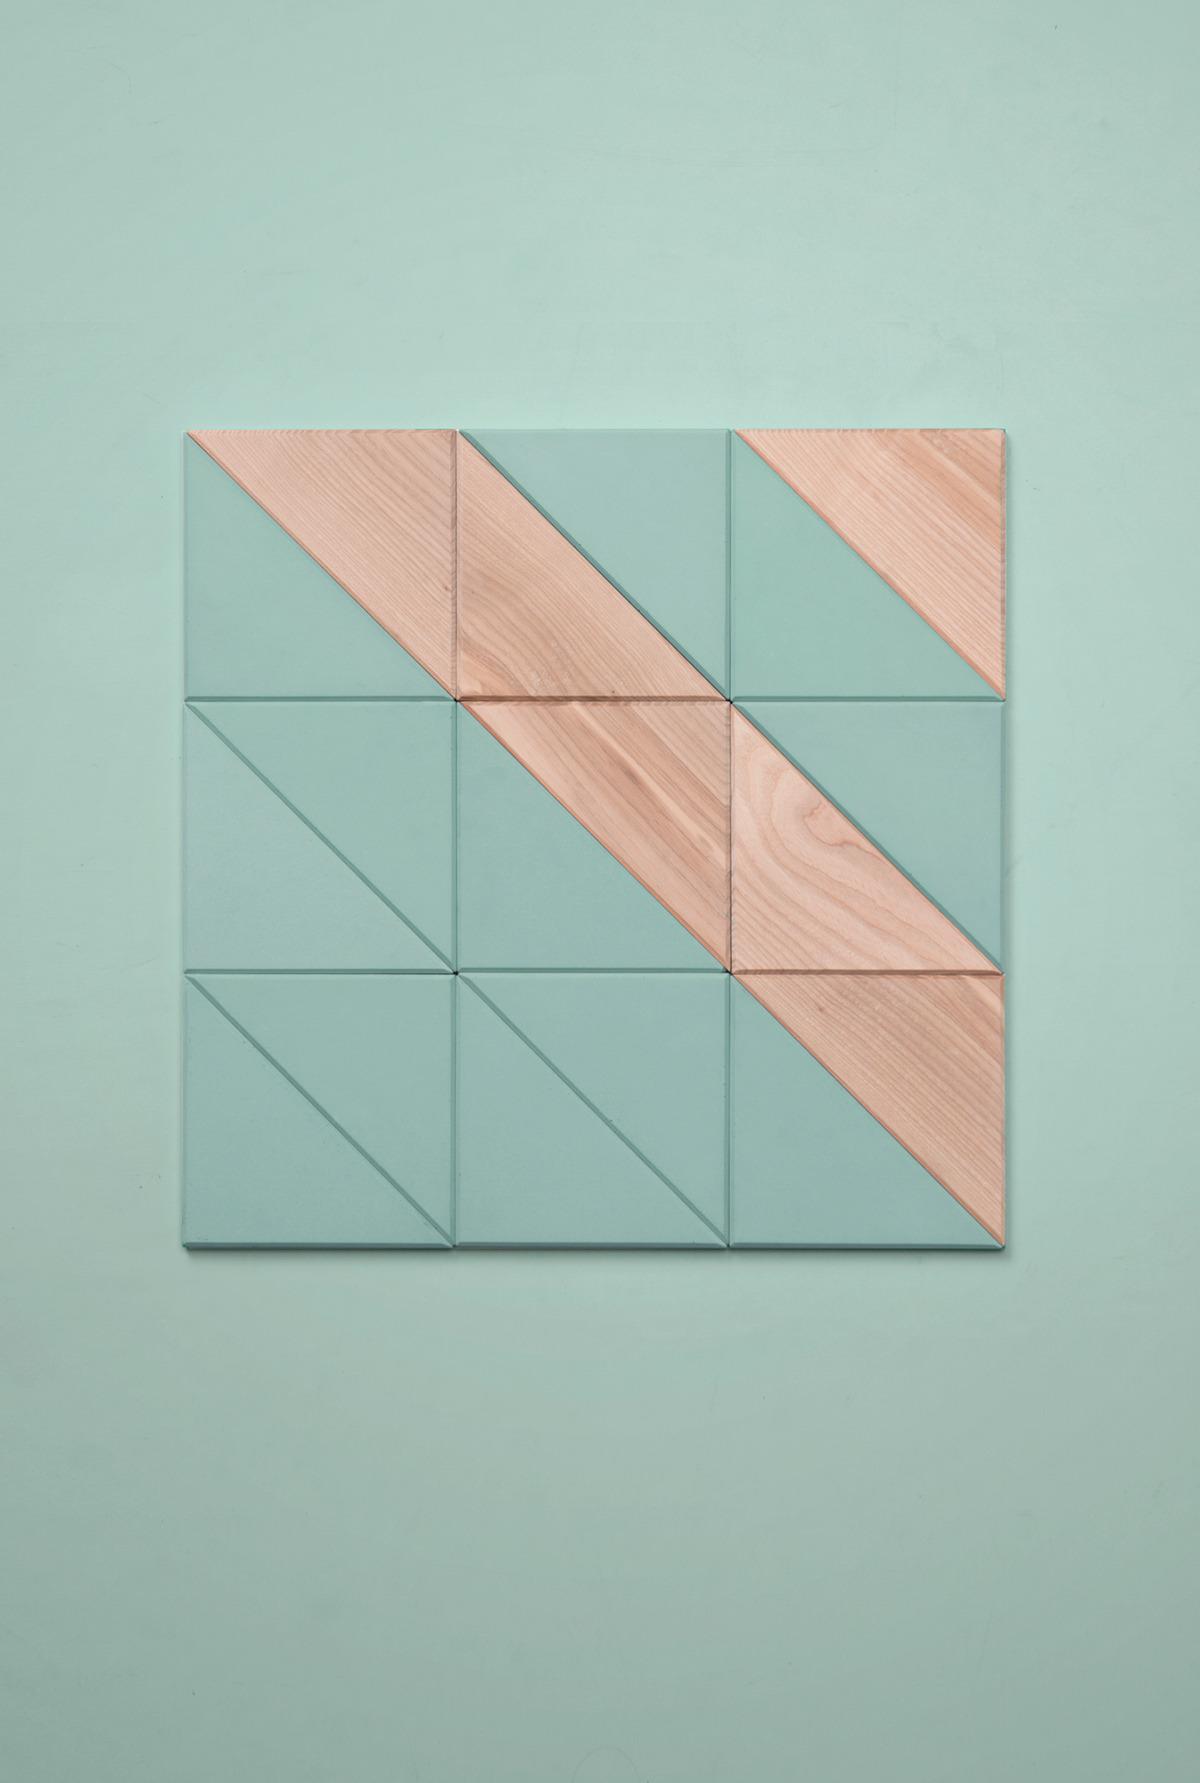 144993470446 – dan vakhrameyev diagonal concrete tile